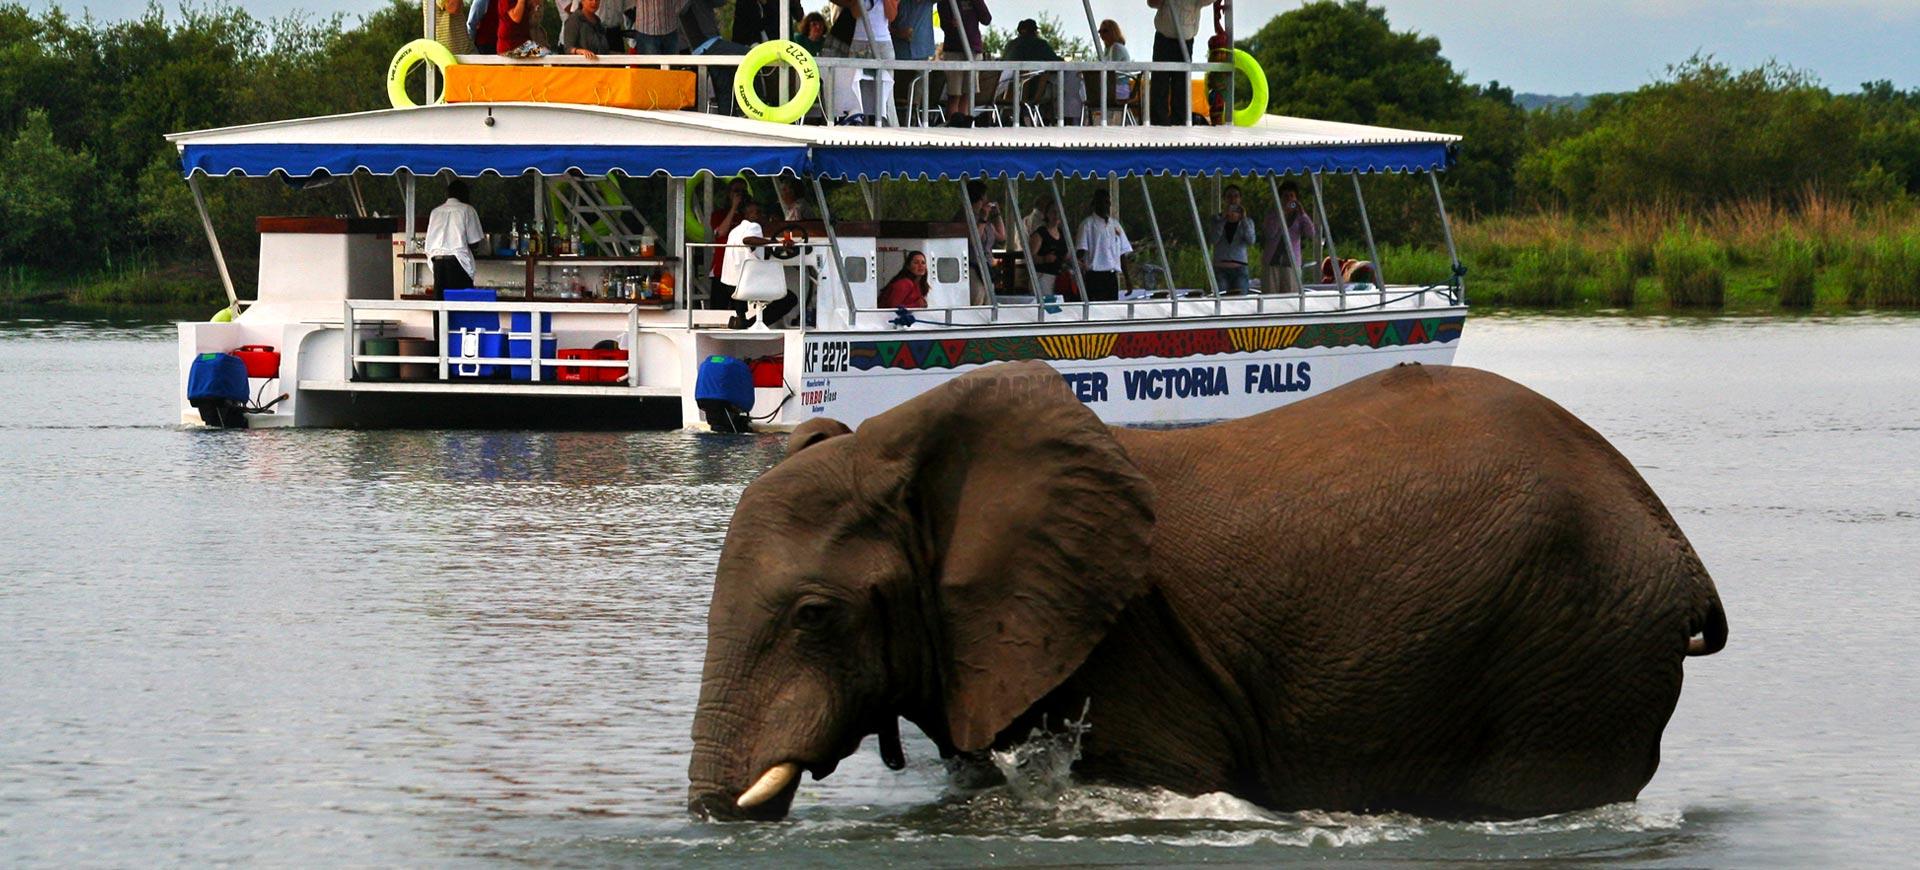 Victoria Falls Sunset Cruises